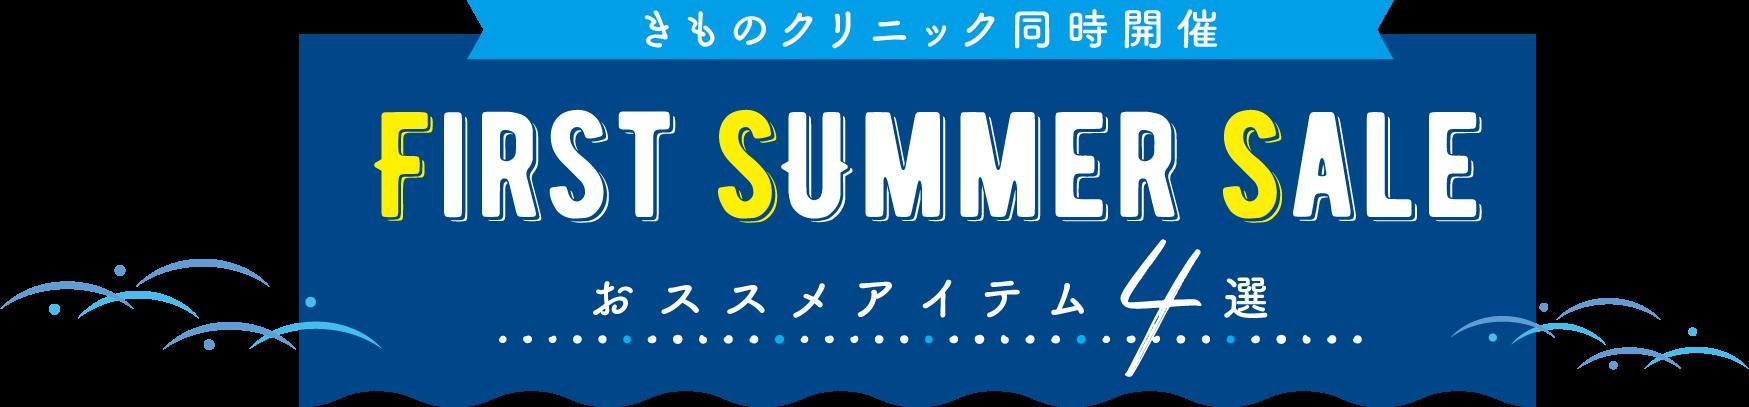 きものクリニック同時開催 FIRST SUMMER SALE おススメアイテム4選